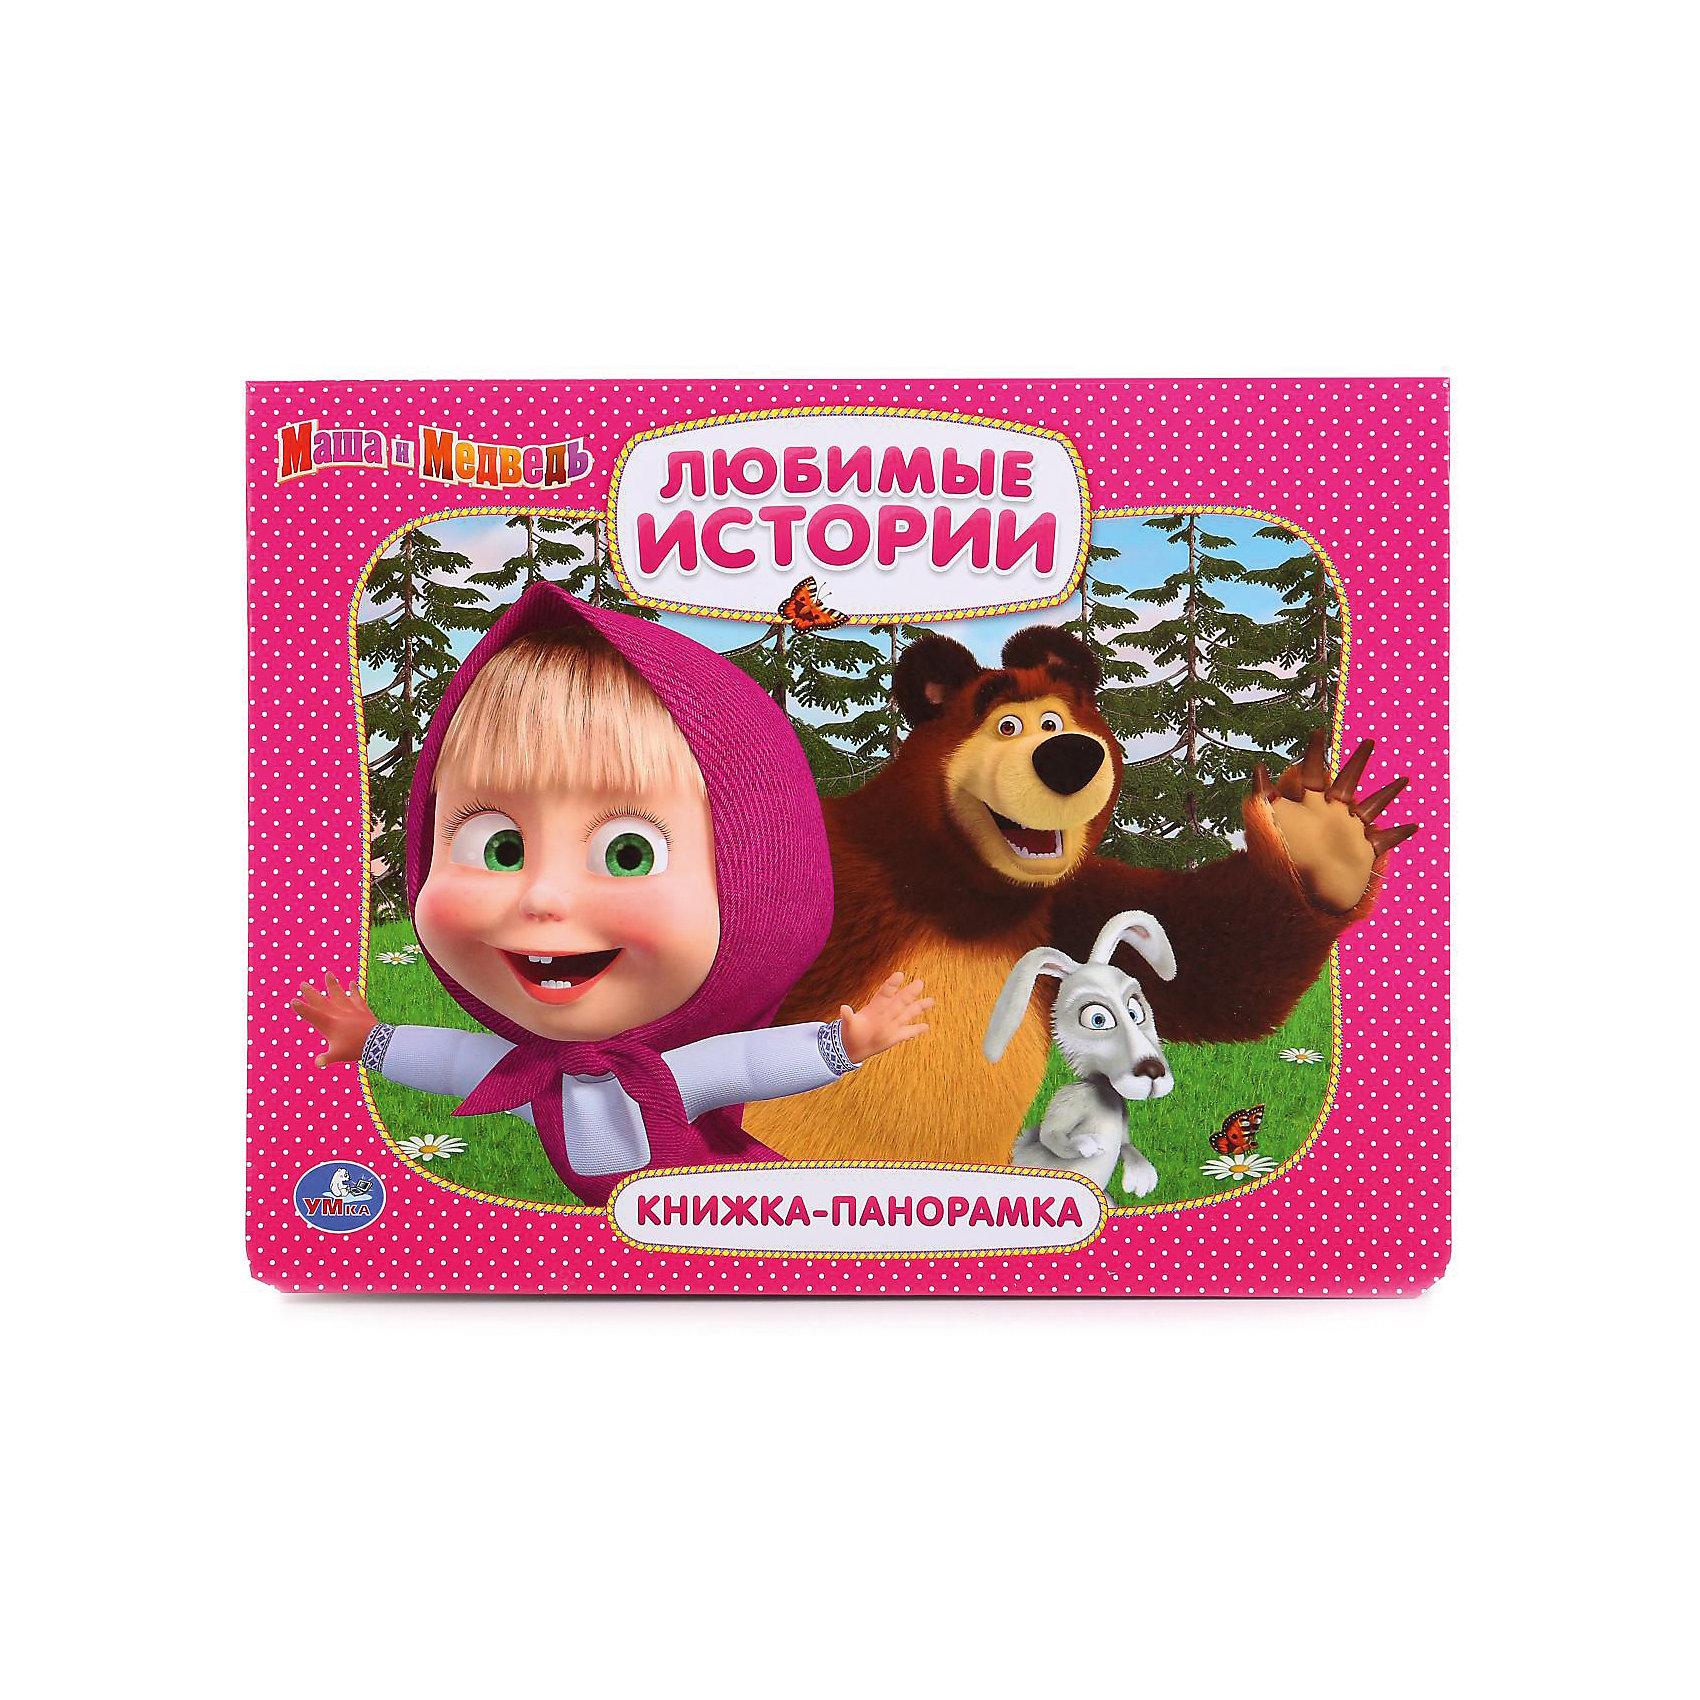 Книжка-панорамка Любимые истории, Маша и МедведьКнижки-панорамки<br>Малыши любят рассматривать книжки-панорамки, ведь объёмные яркие иллюстрации не только радуют ребёнка, но и развивают образное и пространственное мышление. Книжка-панорамка Маша и Медведь по мотивам любимого мультфильма поможет малышу попасть в мир сказки. На каждом развороте находятся картинка-панорамка, что привлечет ребенка. Картонные страницы. Редактор-составитель А. Козырь. Размер 260х196 мм. Объем 12 страниц. Рекомендовано детям от 6 мес.<br><br>Ширина мм: 200<br>Глубина мм: 20<br>Высота мм: 260<br>Вес г: 300<br>Возраст от месяцев: 12<br>Возраст до месяцев: 60<br>Пол: Унисекс<br>Возраст: Детский<br>SKU: 7032130